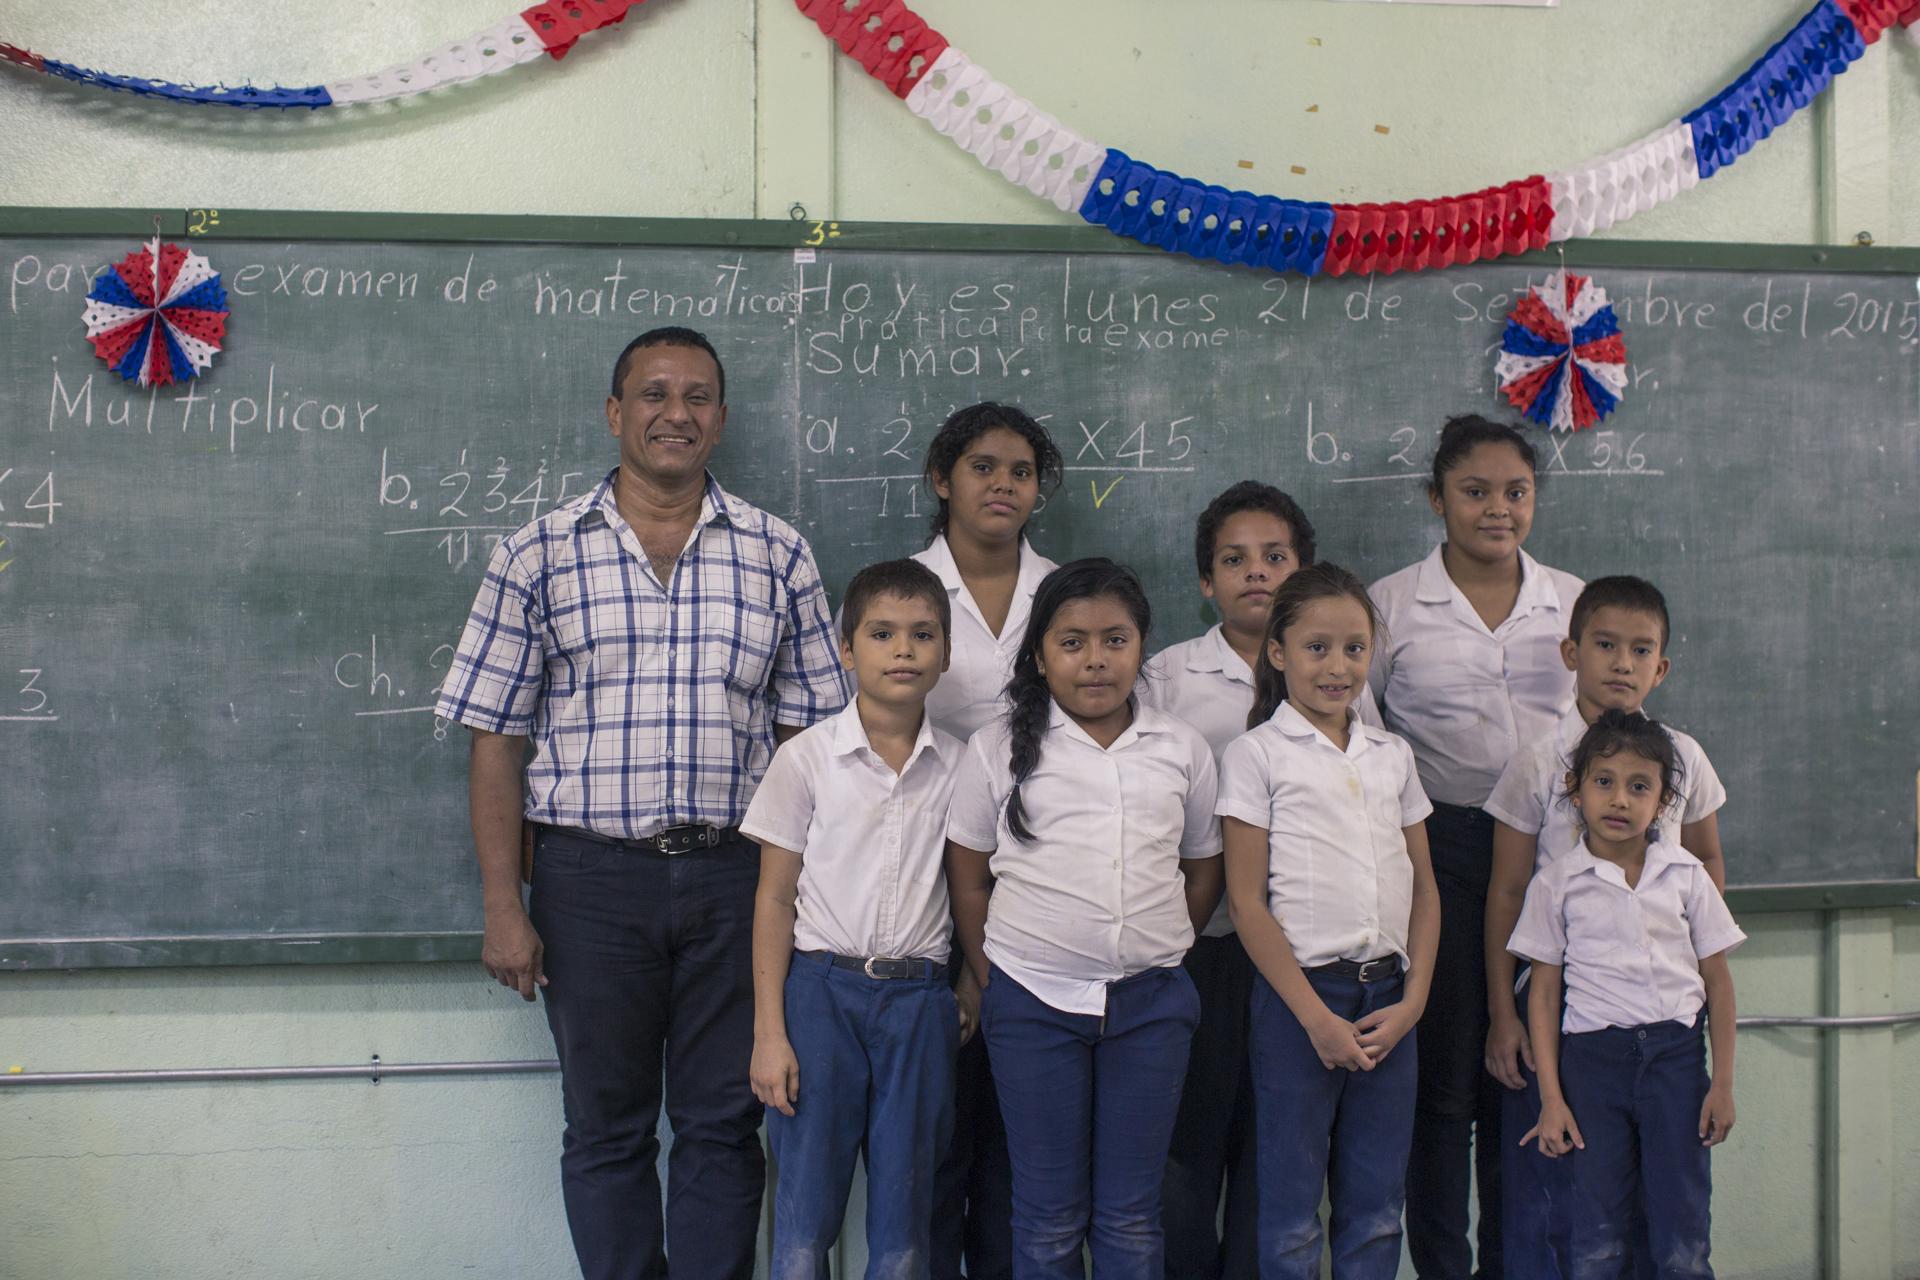 Don Carlos Viales le imparte clases a 9 estudiantes de la comunidad de Puerto Moreno.